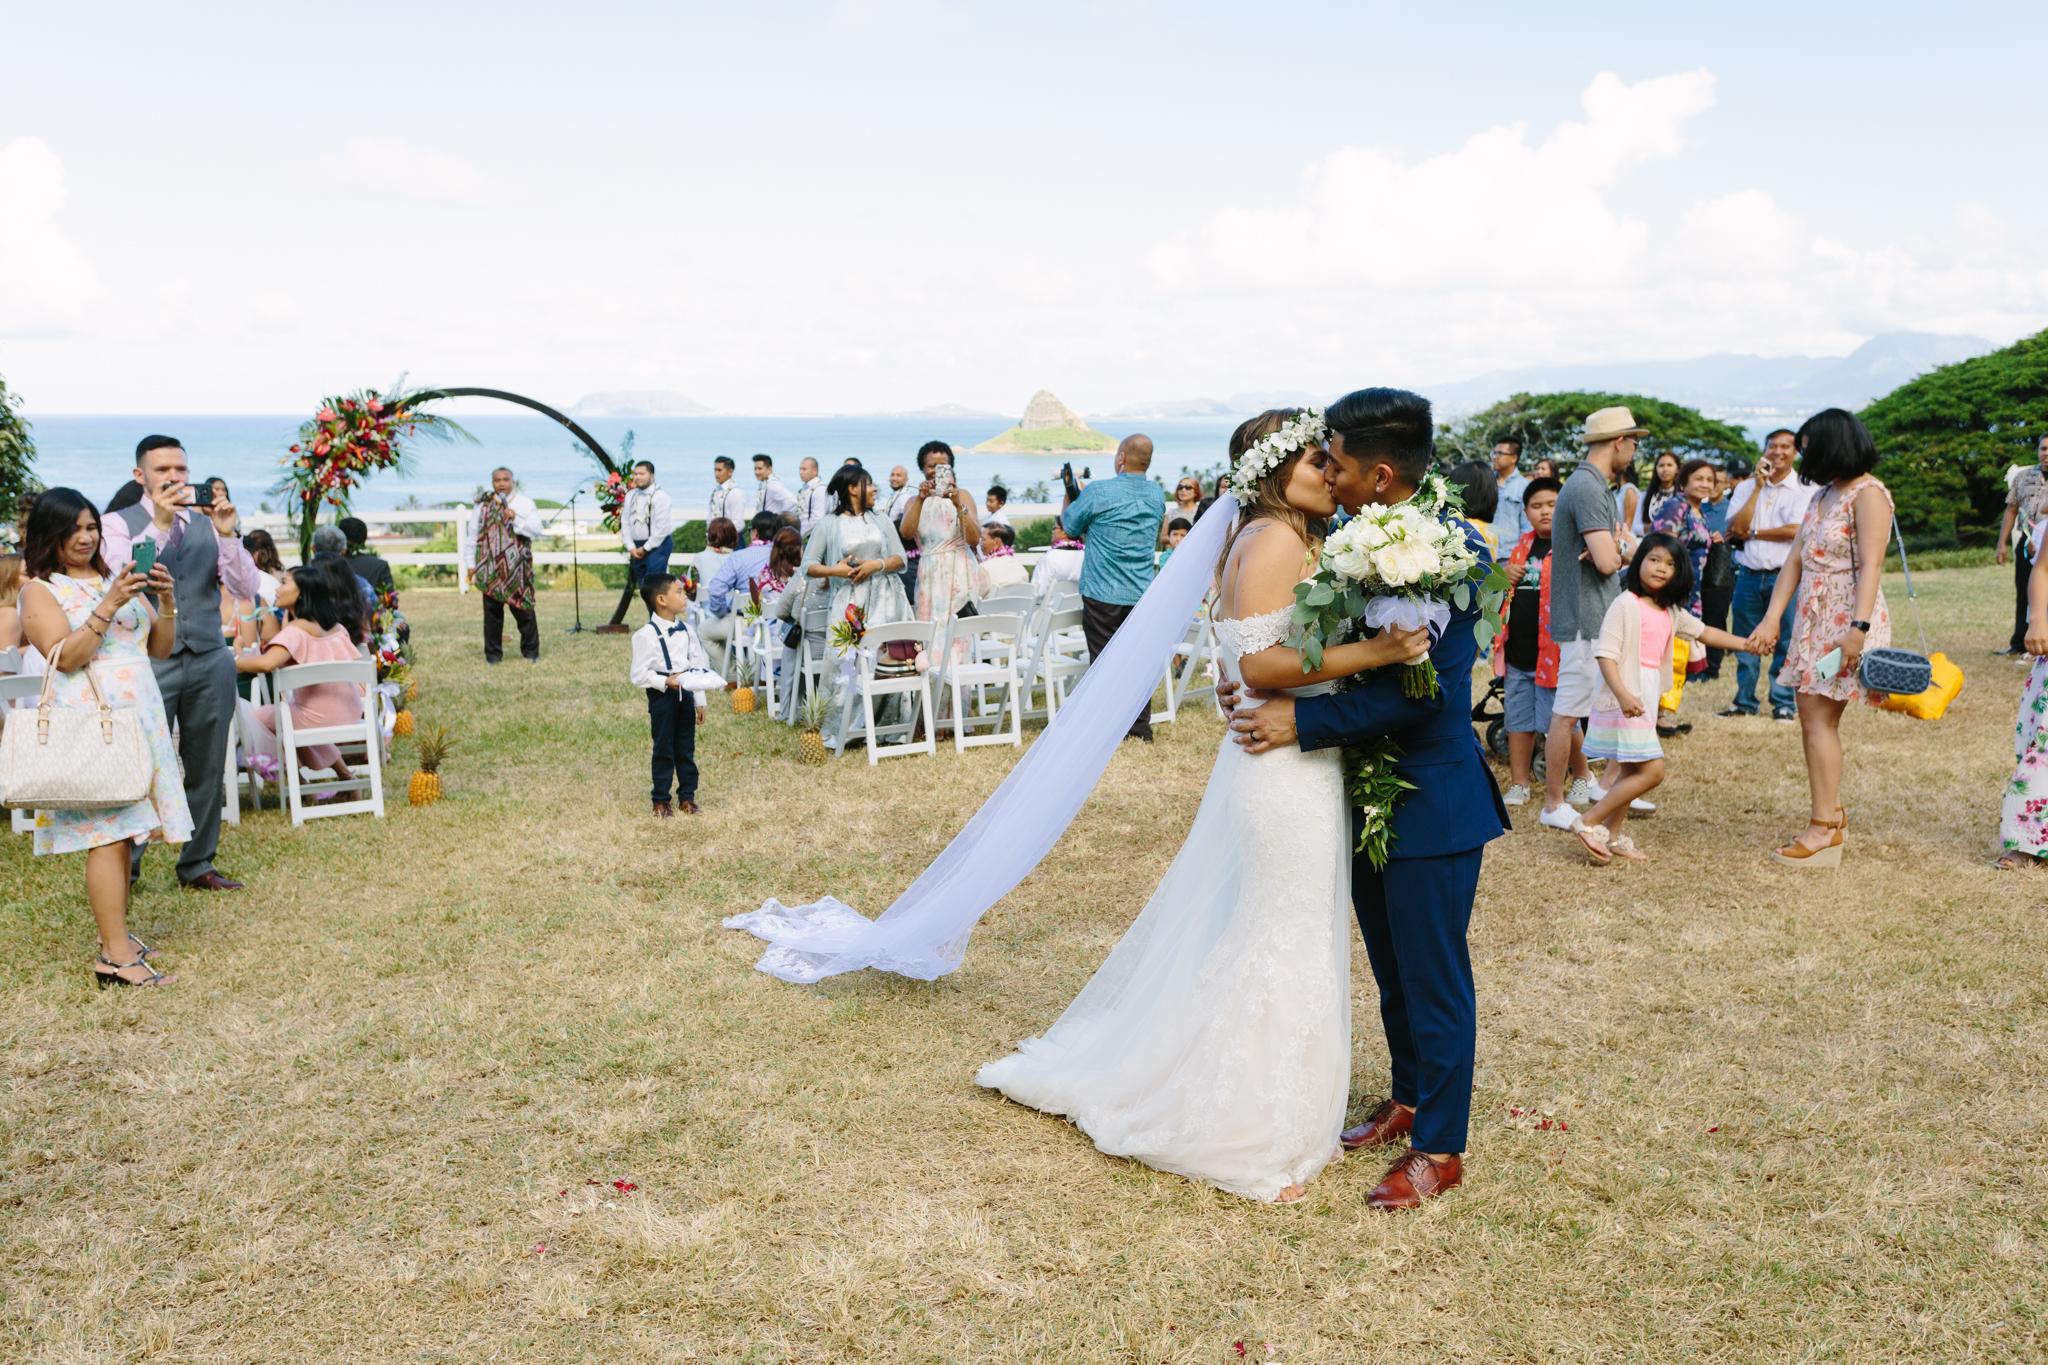 kualoa_ranch_wedding_photography_tone_hawaii-63.jpg